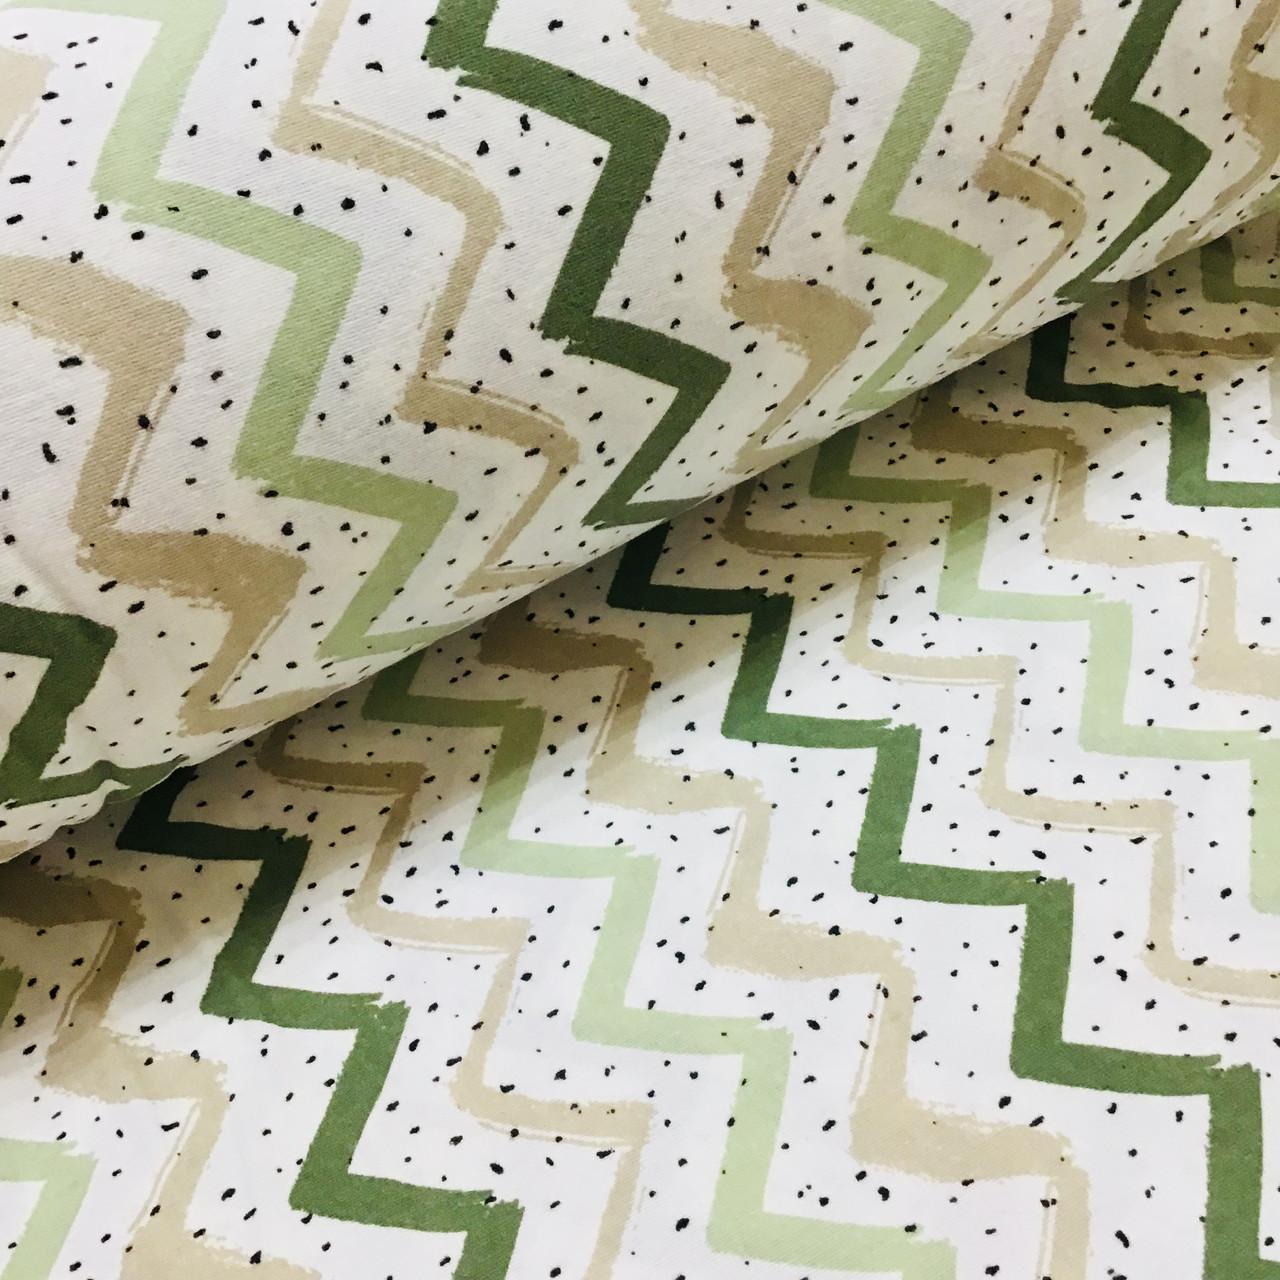 Фланелева тканина зигзаг коричнево-зелений з чорними цятками на білому (W,шир. 2,4 м)